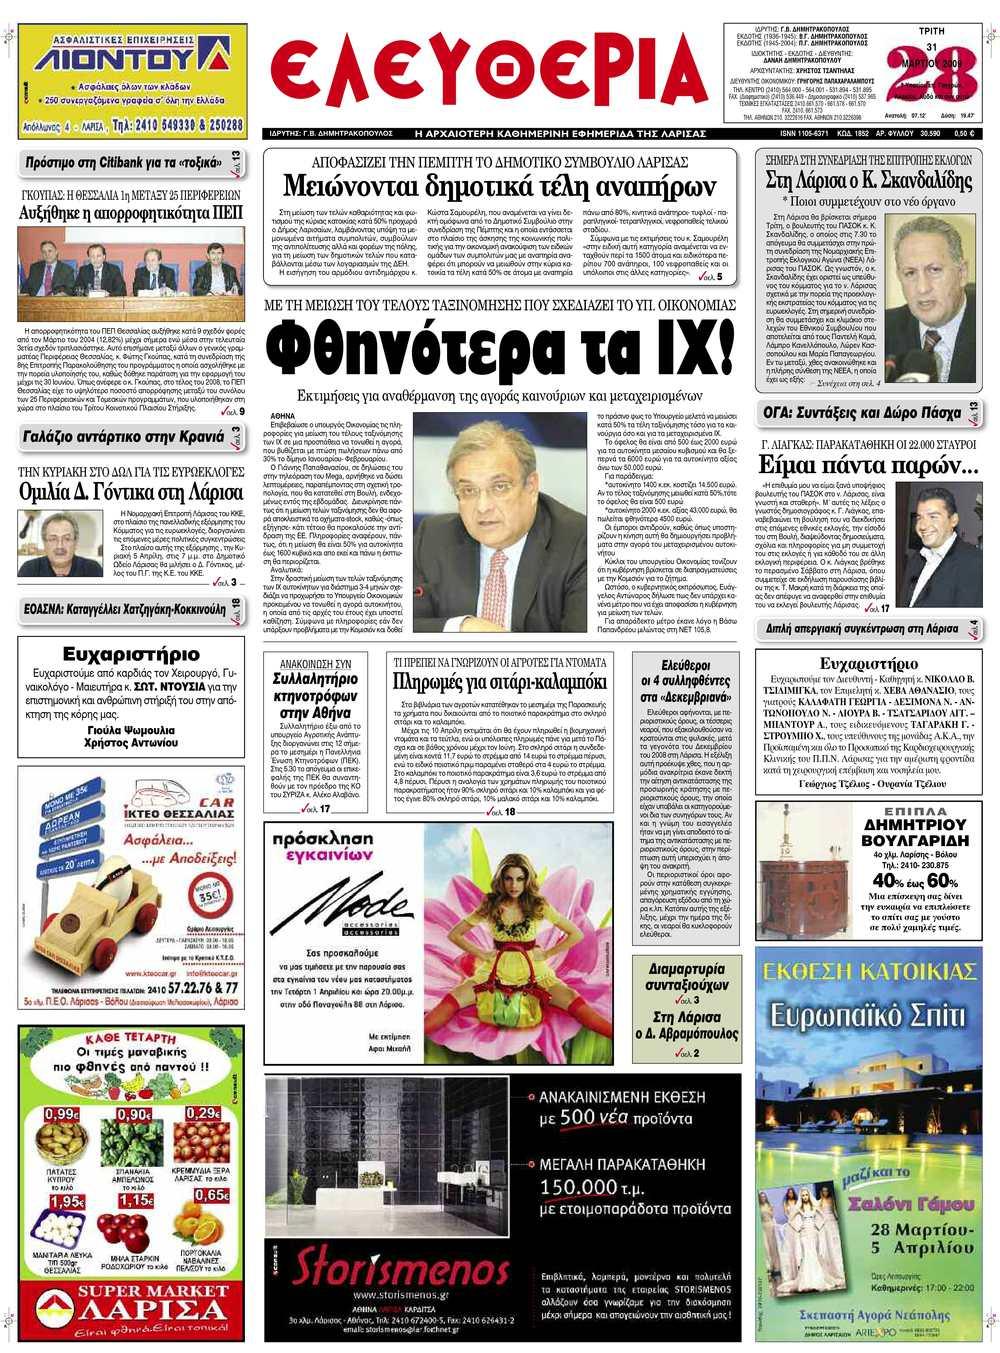 25dae595eb26 Calaméo - Eleftheria.gr 31 3 2009